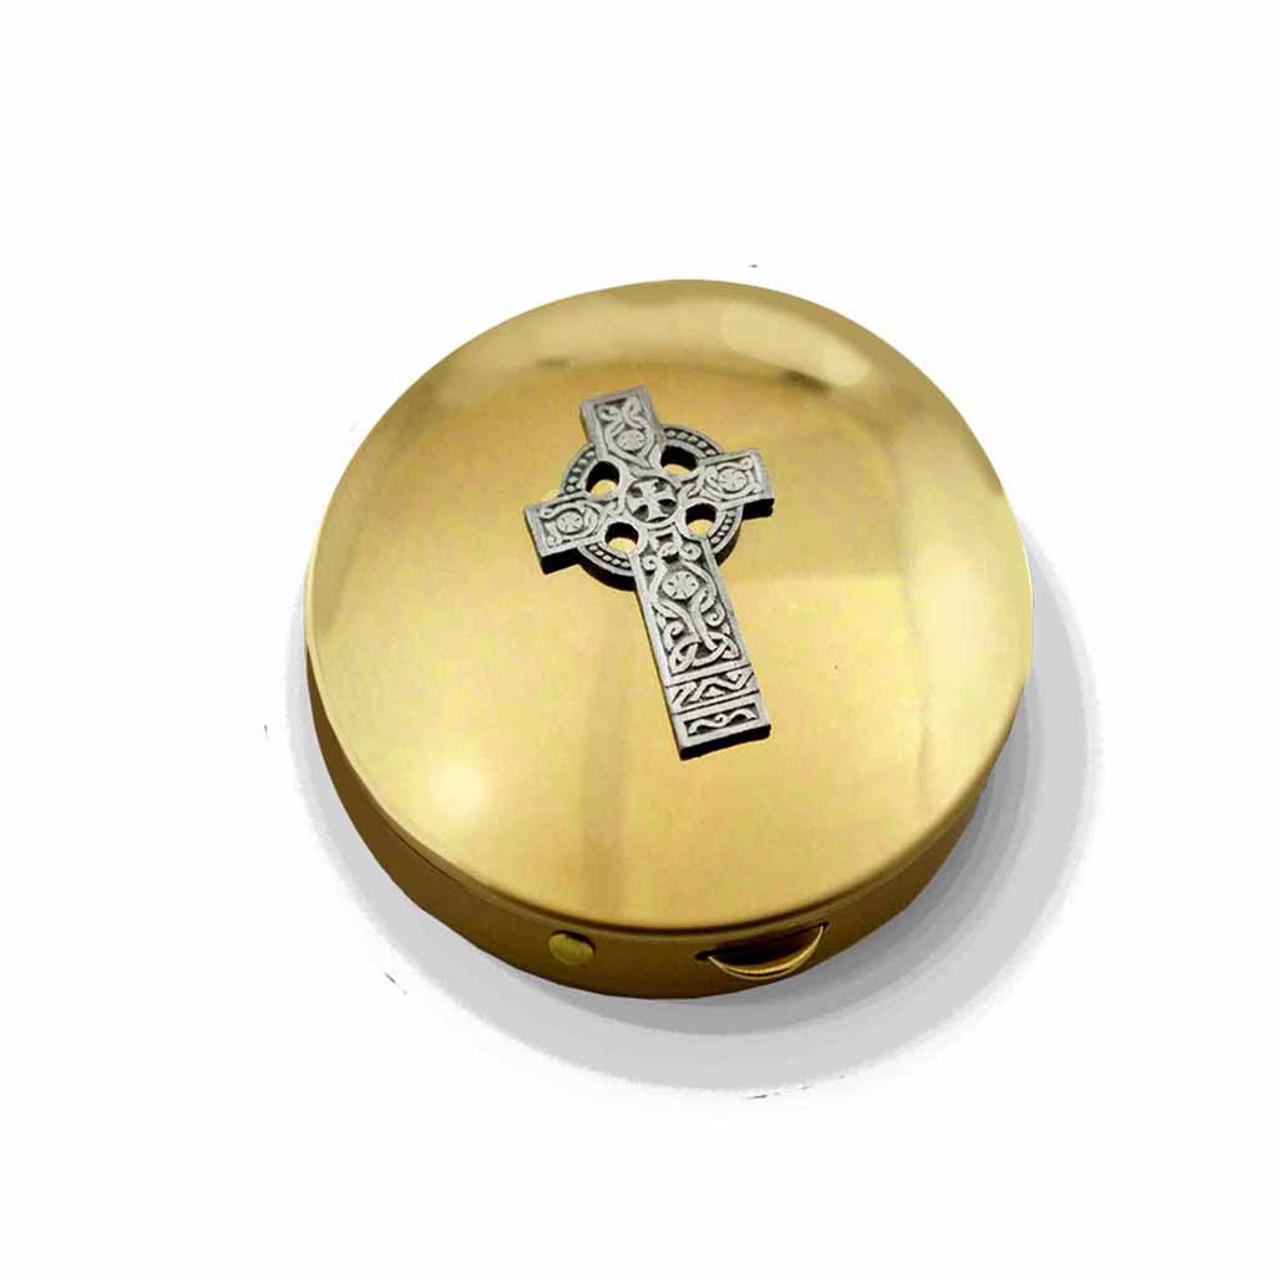 PS 142 Brass Pyx with Celtic Cross 12-15 Hosts